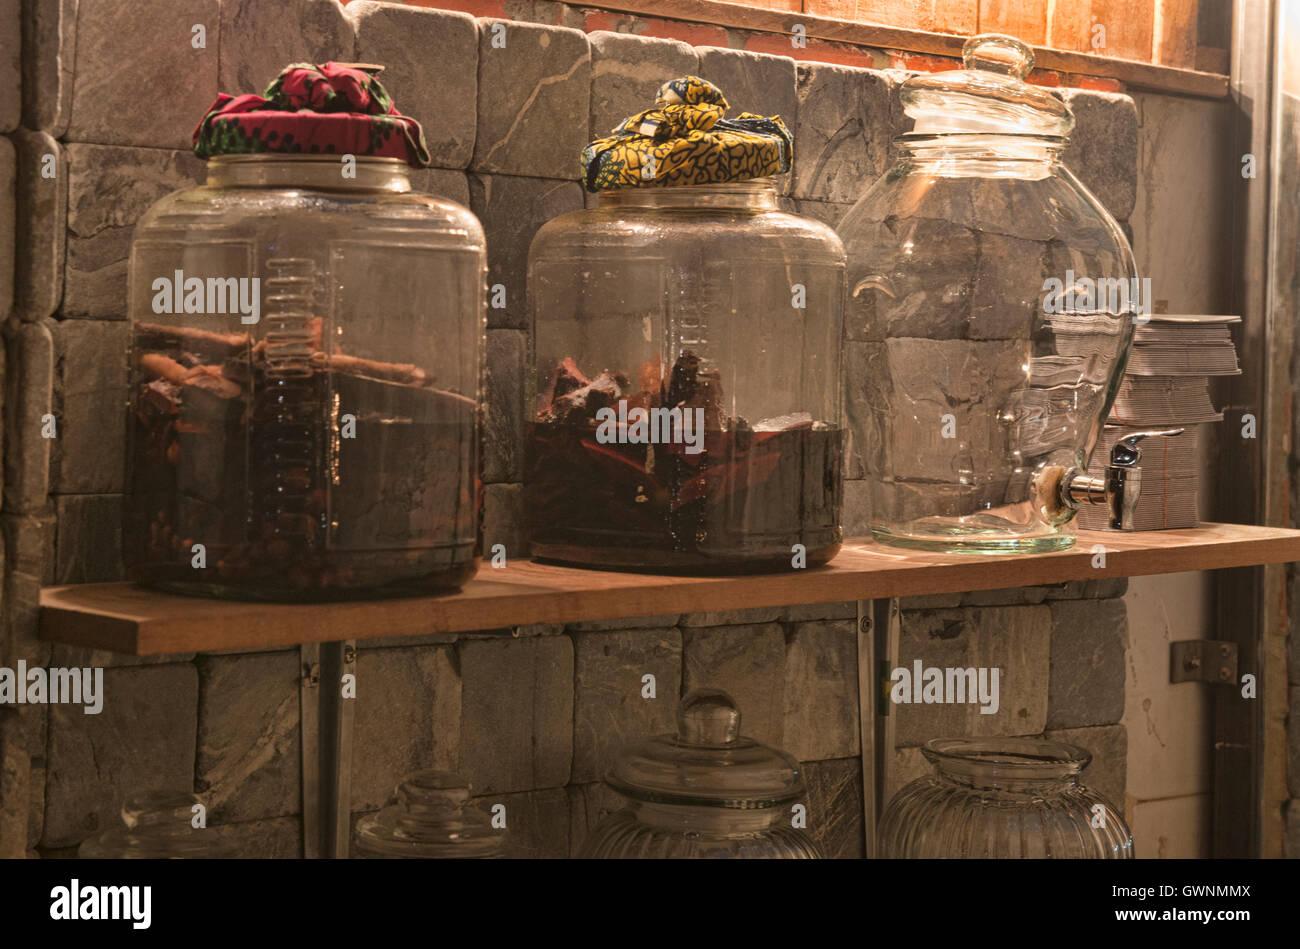 Jars of ya dong (Thai white spirits with medicinal herbs) at a bar in Bangkok, Thailand Stock Photo